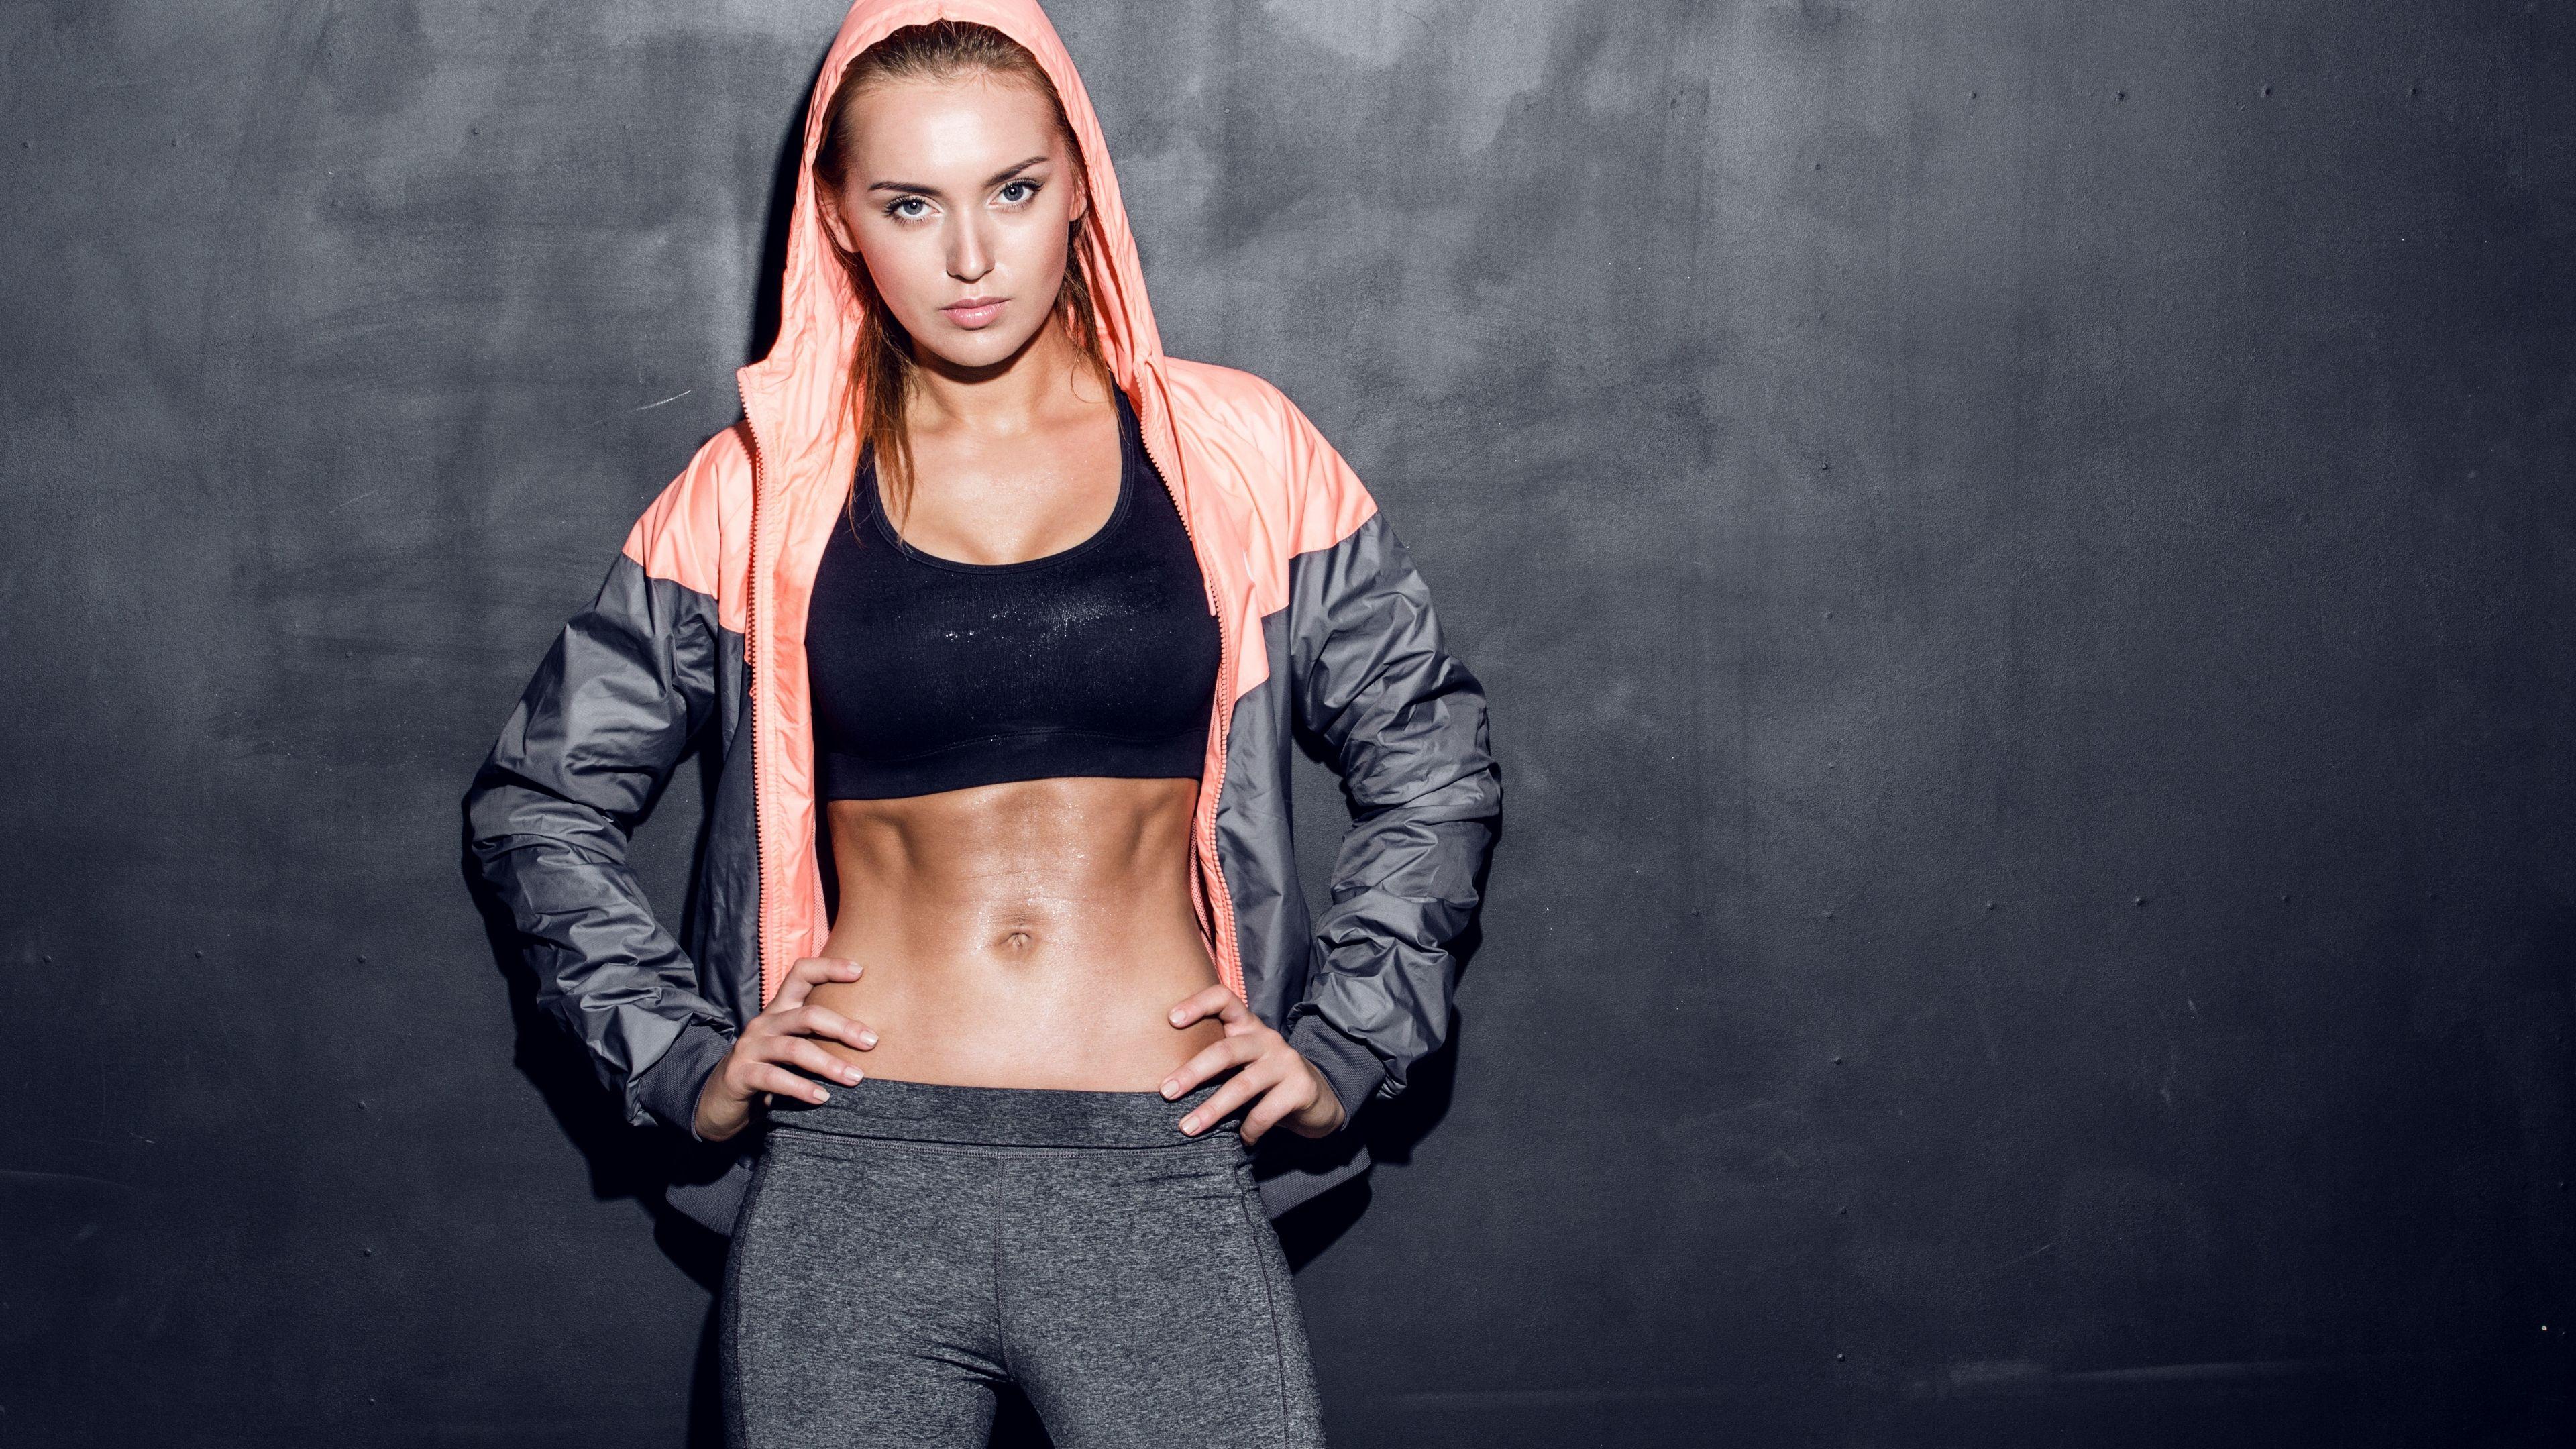 Sport Girl Wallpaper